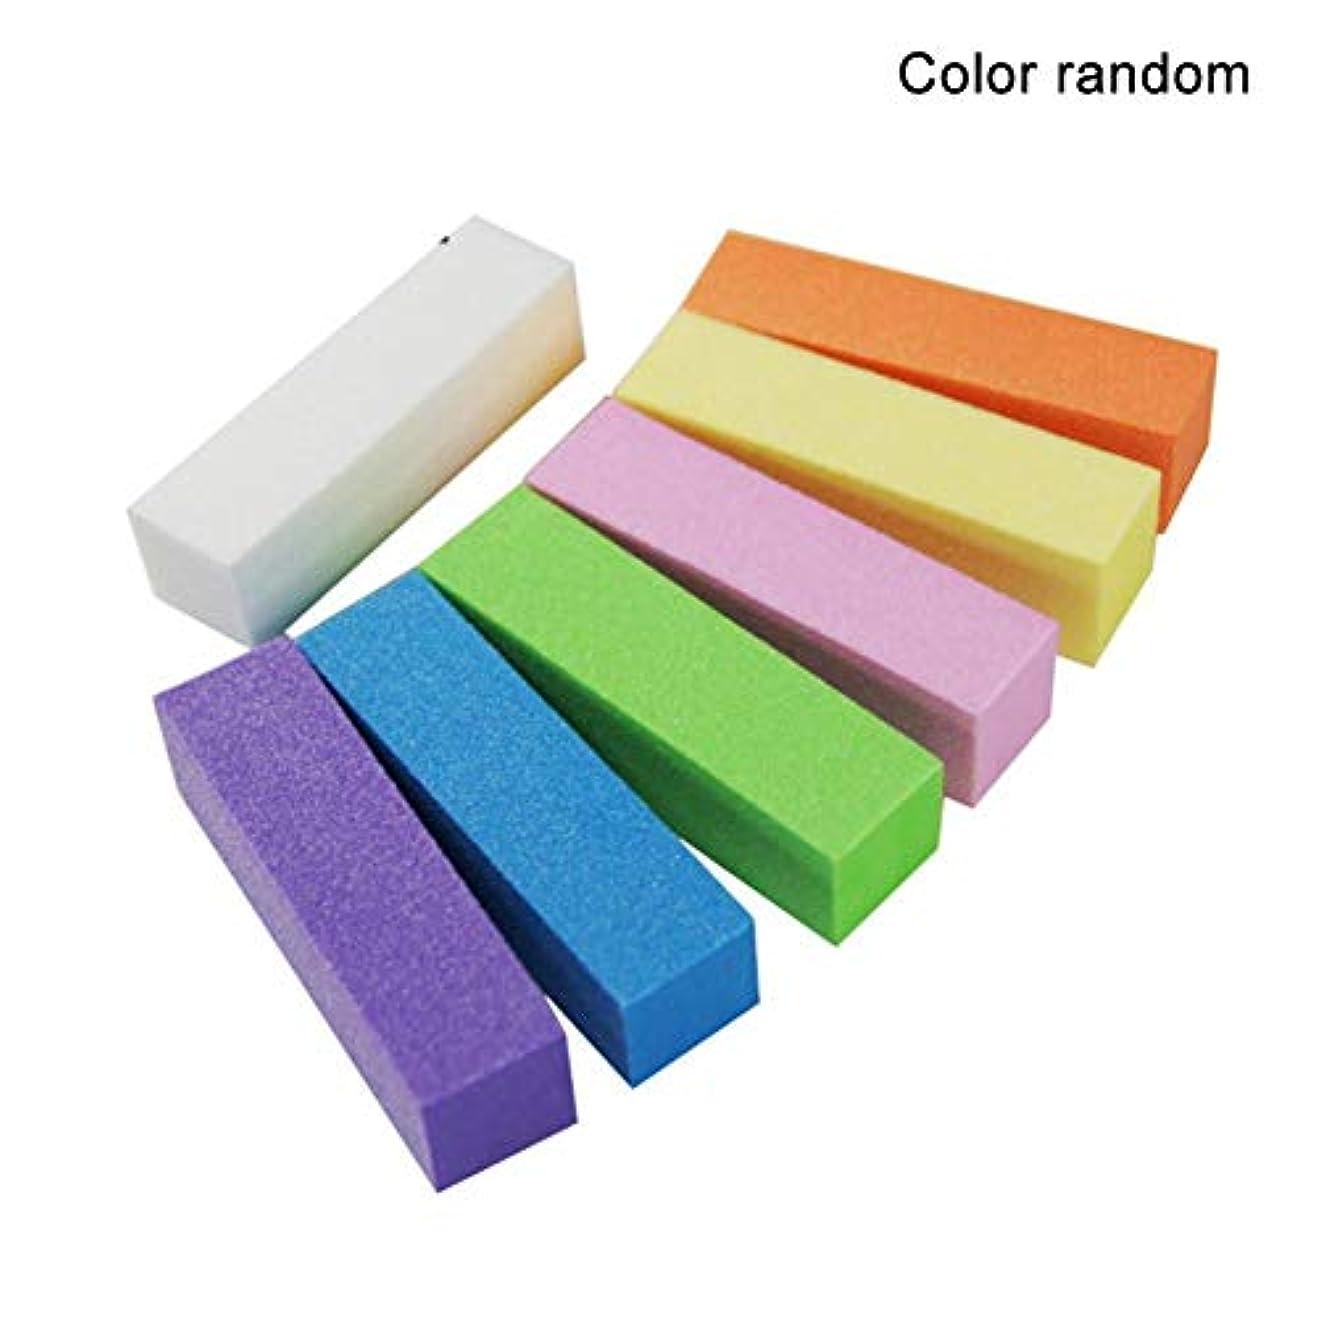 ピークログ扇動BETTER YOU (ベター ュー) ランダムな色 豆腐の四角いブロック 高発泡 スポンジ セット ネイルツール つめ用のやすり 10個入れ